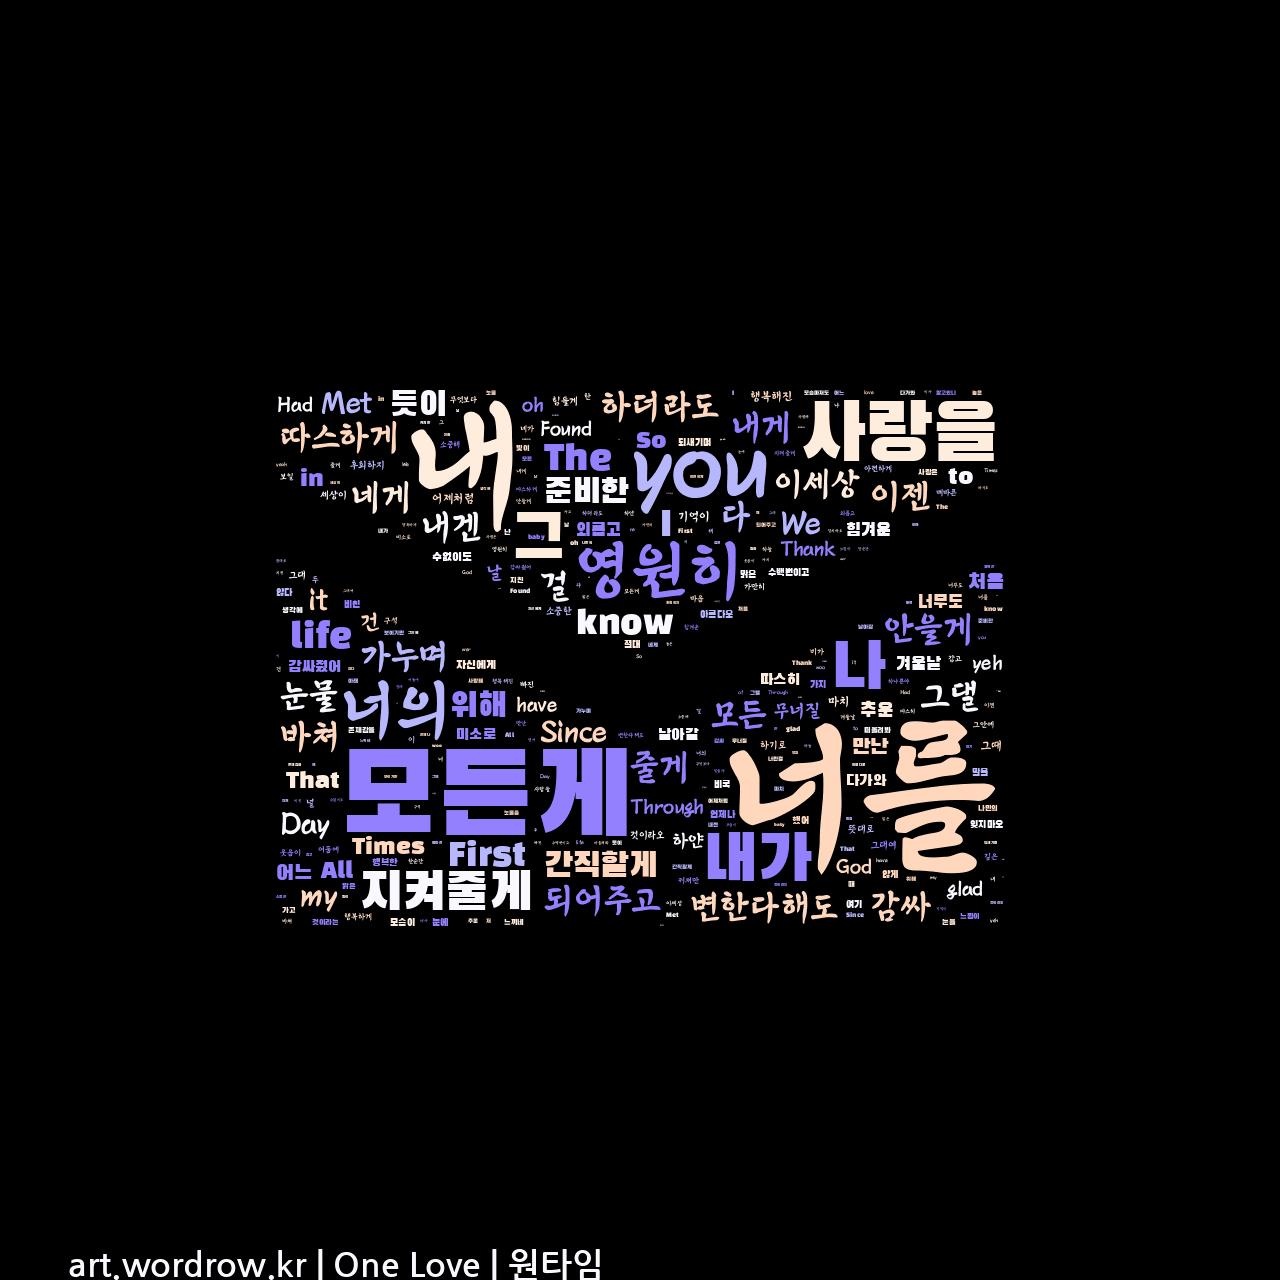 워드 아트: One Love [원타임]-50